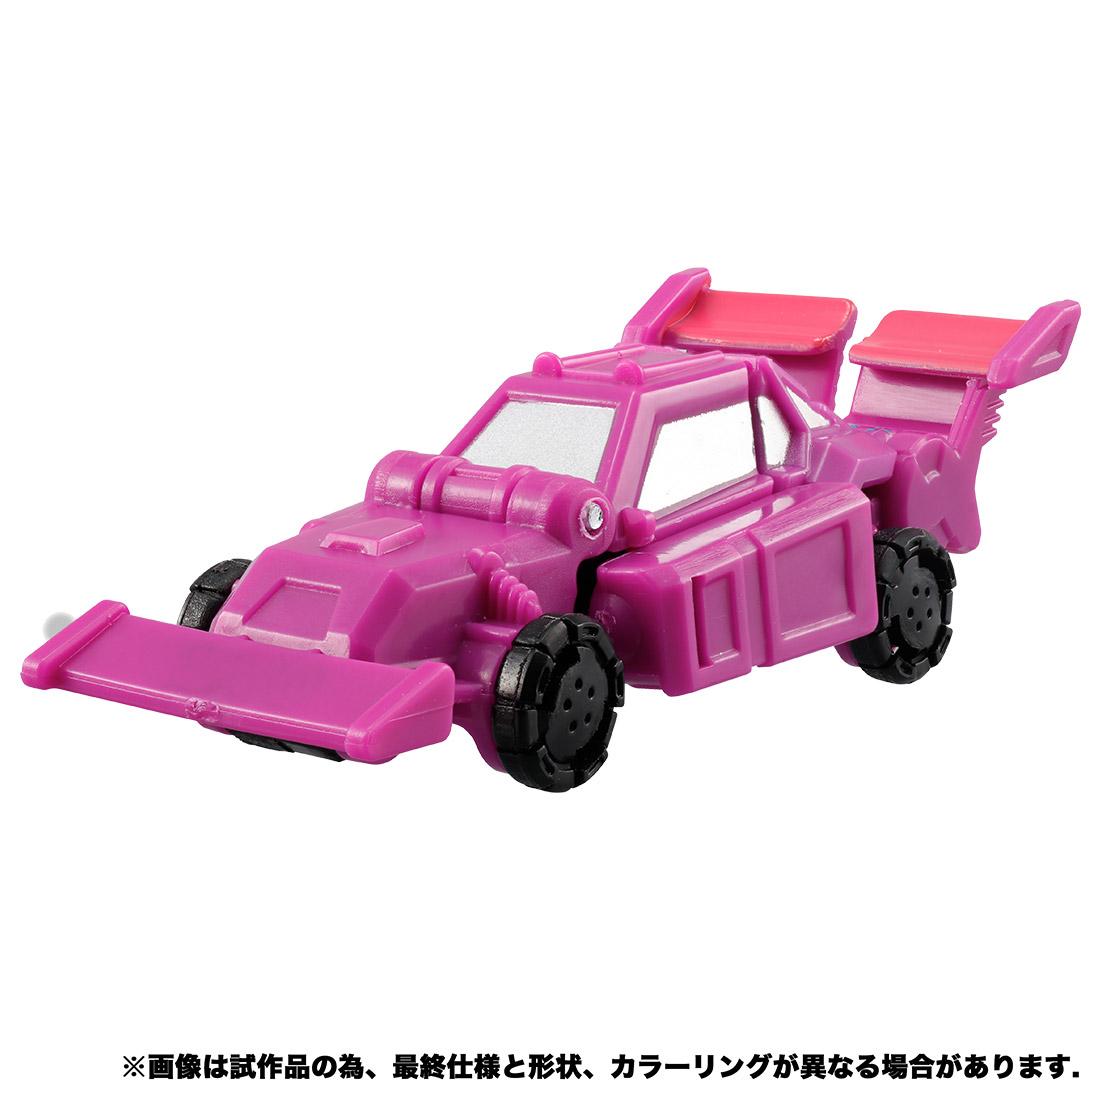 【限定販売】トランスフォーマー アースライズ『ER EX-10 スナップドラゴン』可変可動フィギュア-011